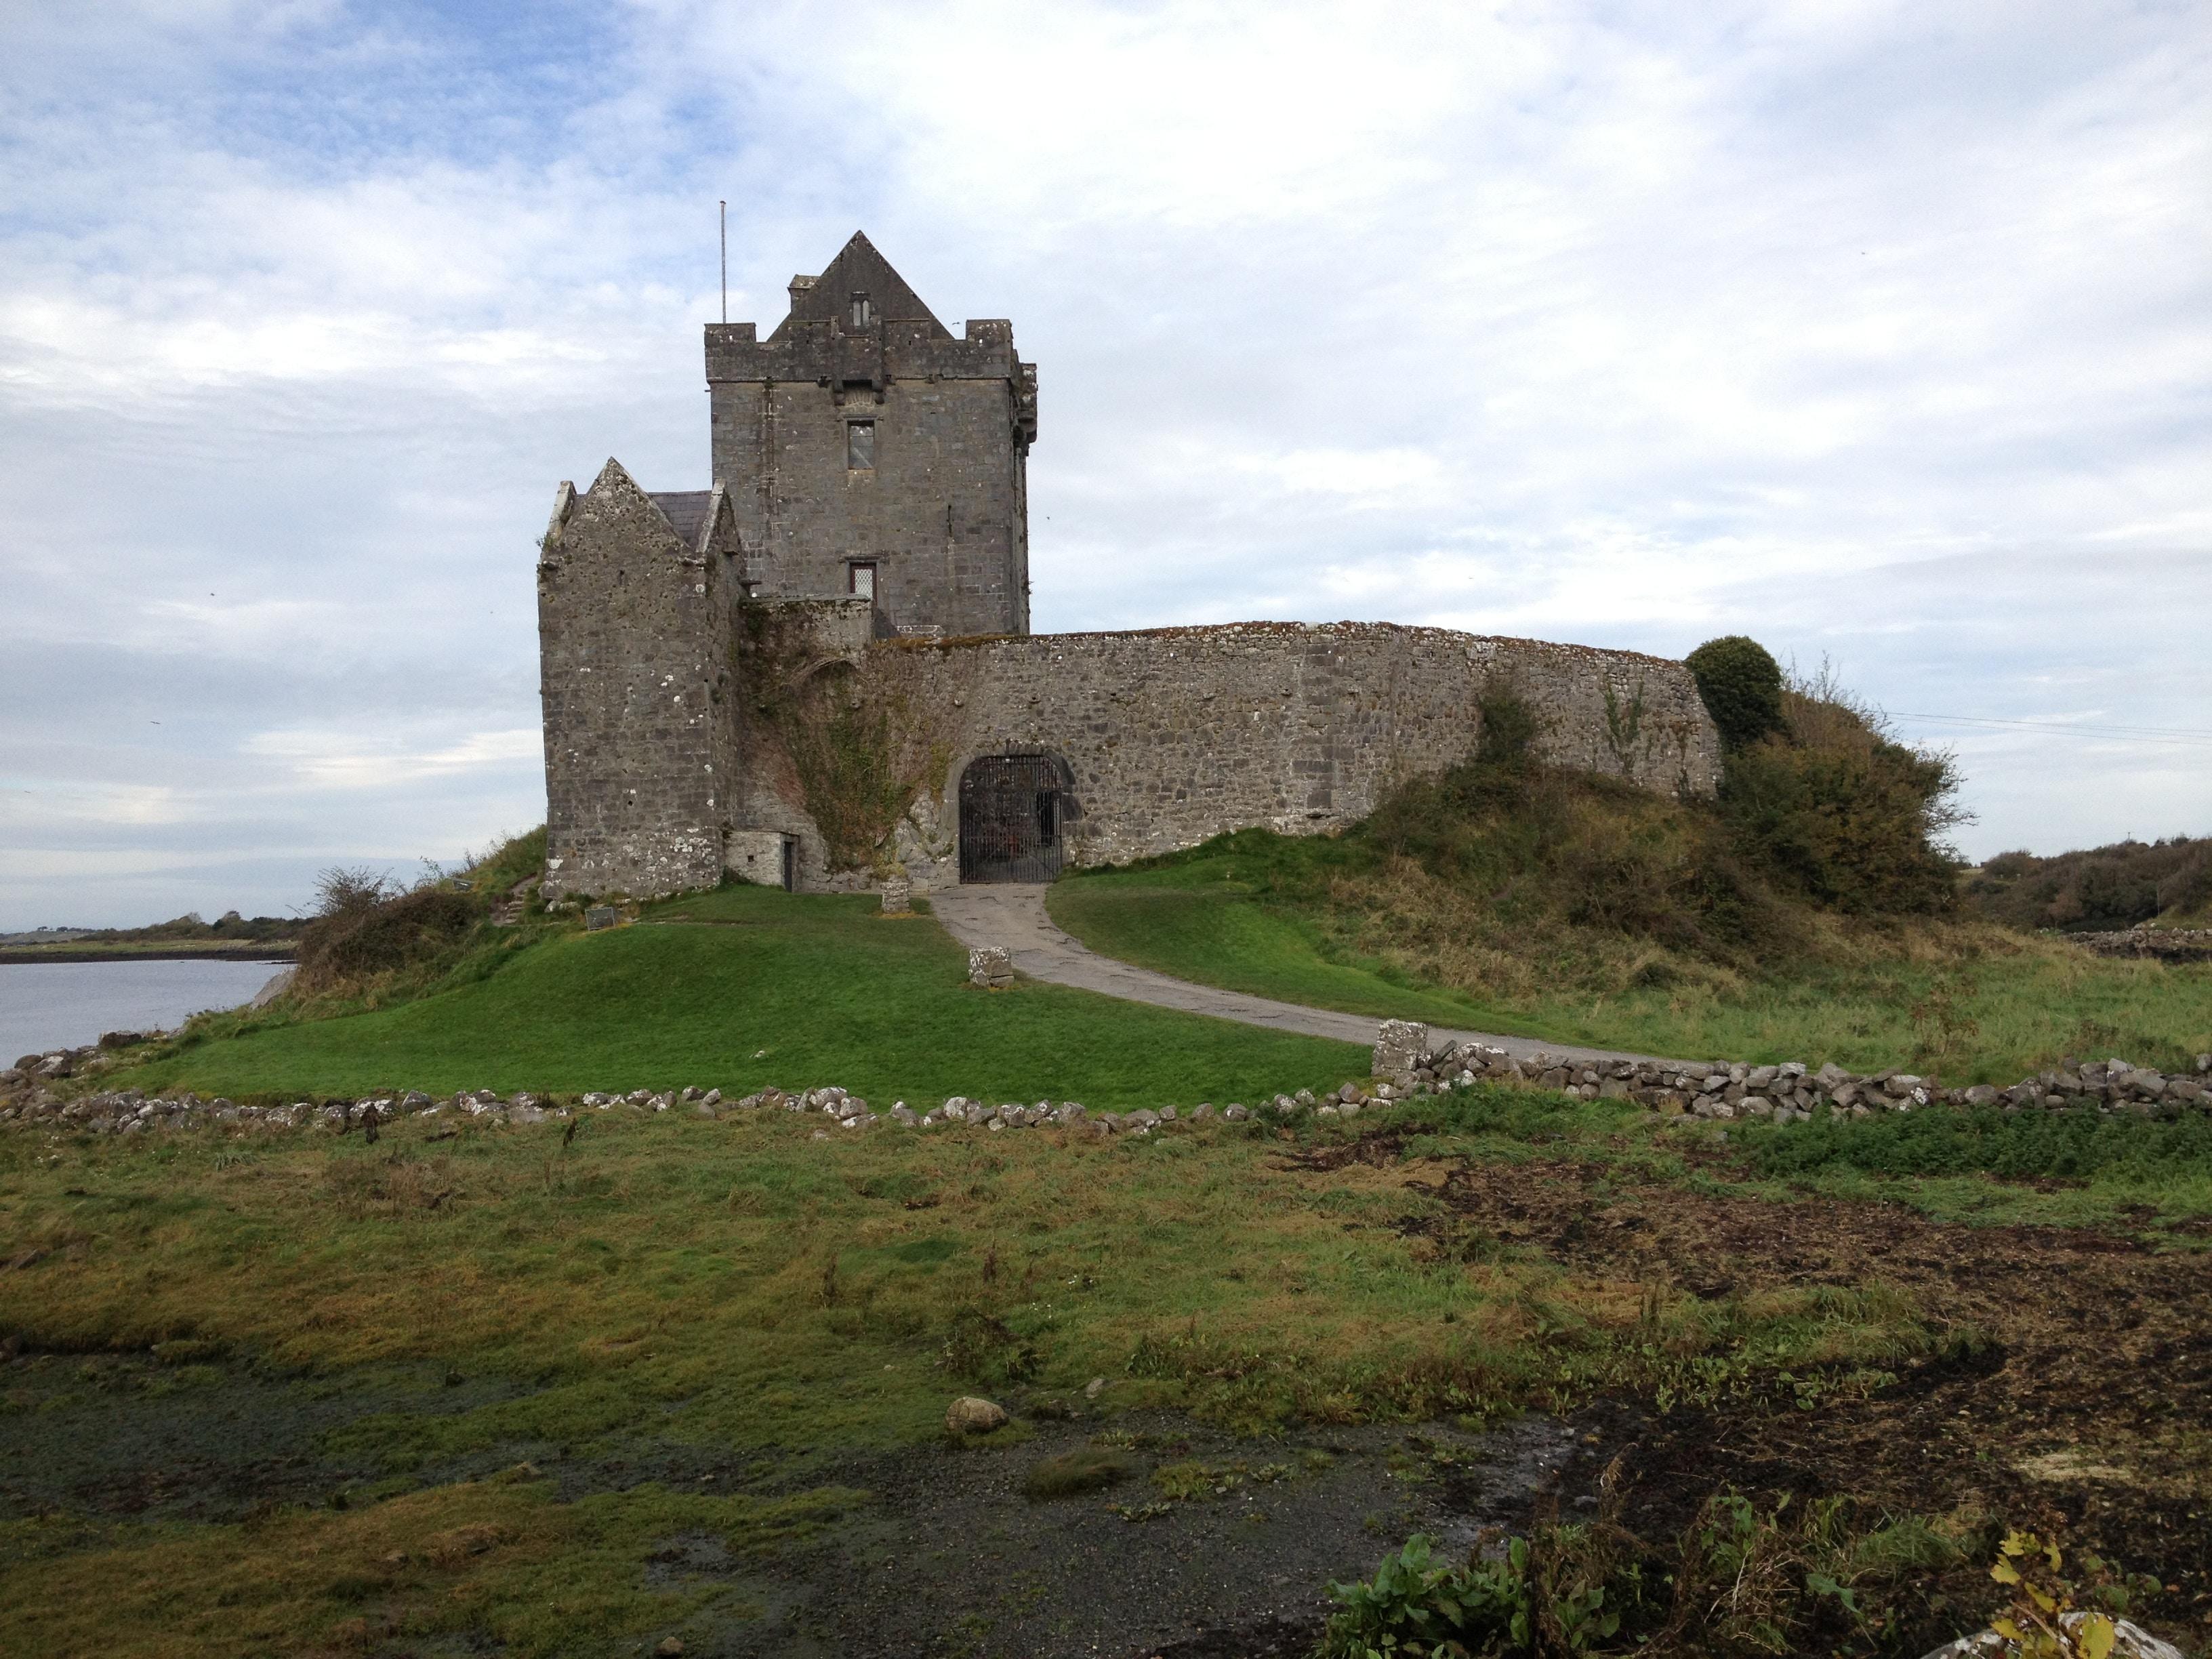 アイルランド国旗の意味や由来をチェック!歴史や特徴も知っておこう!